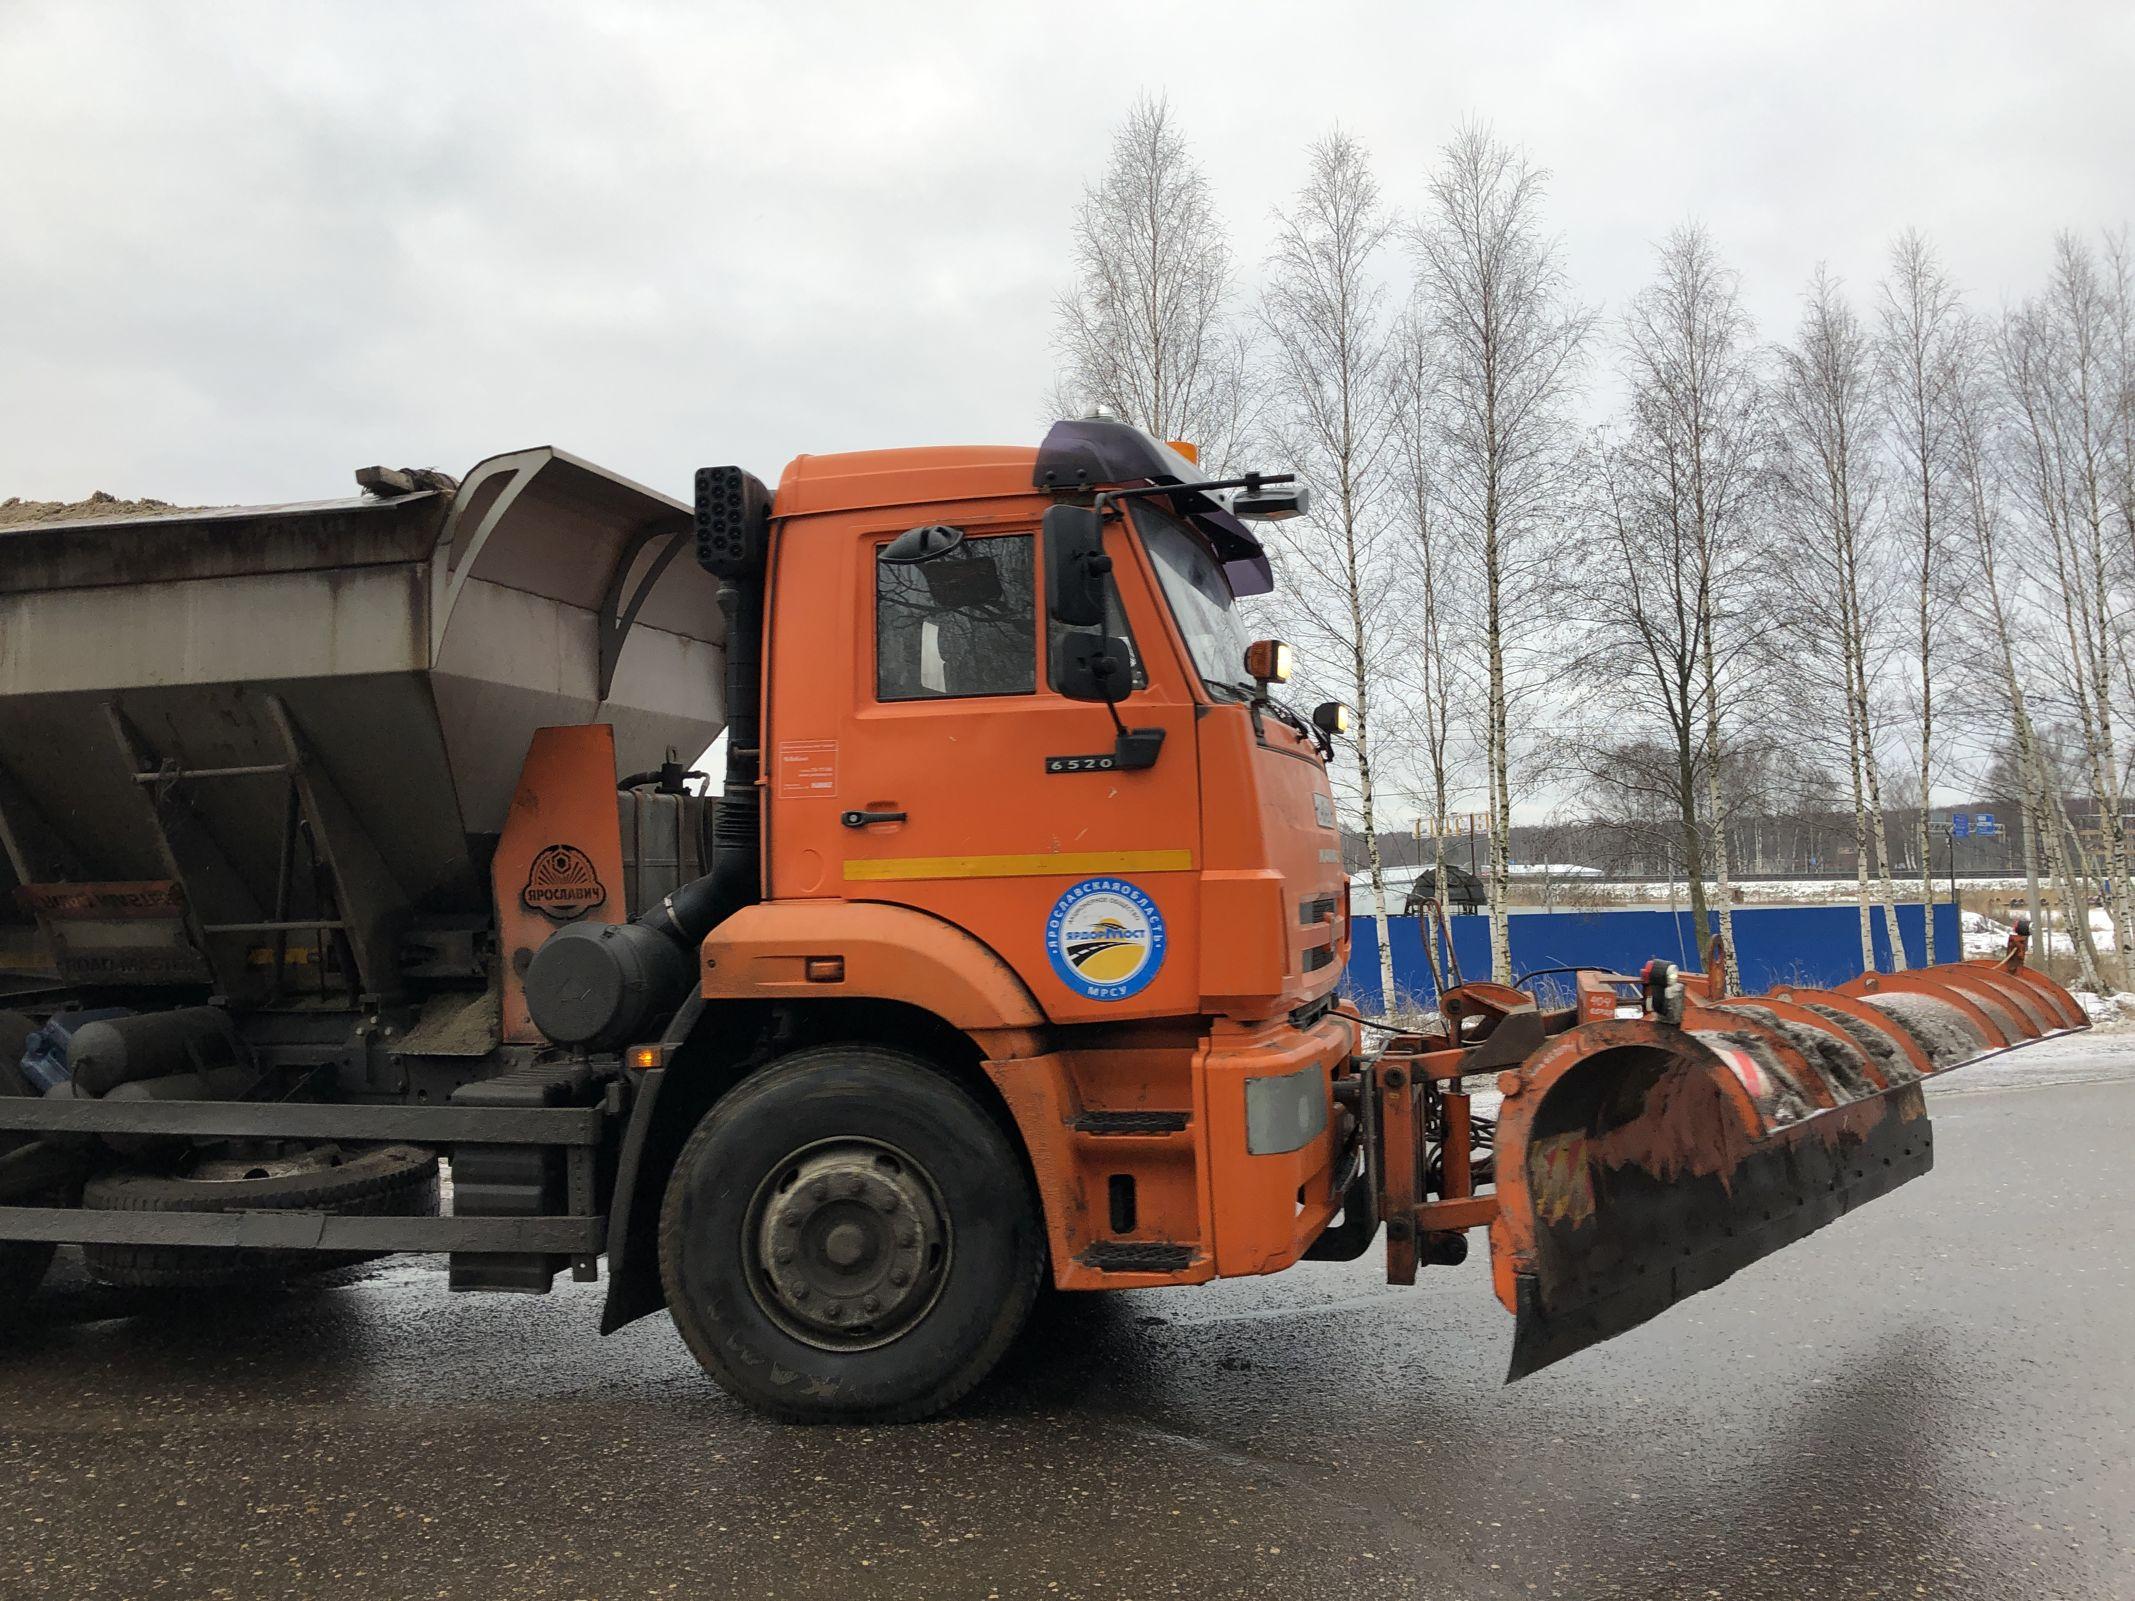 Ежедневно на дорогах Ярославской области работает более ста единиц спецтехники